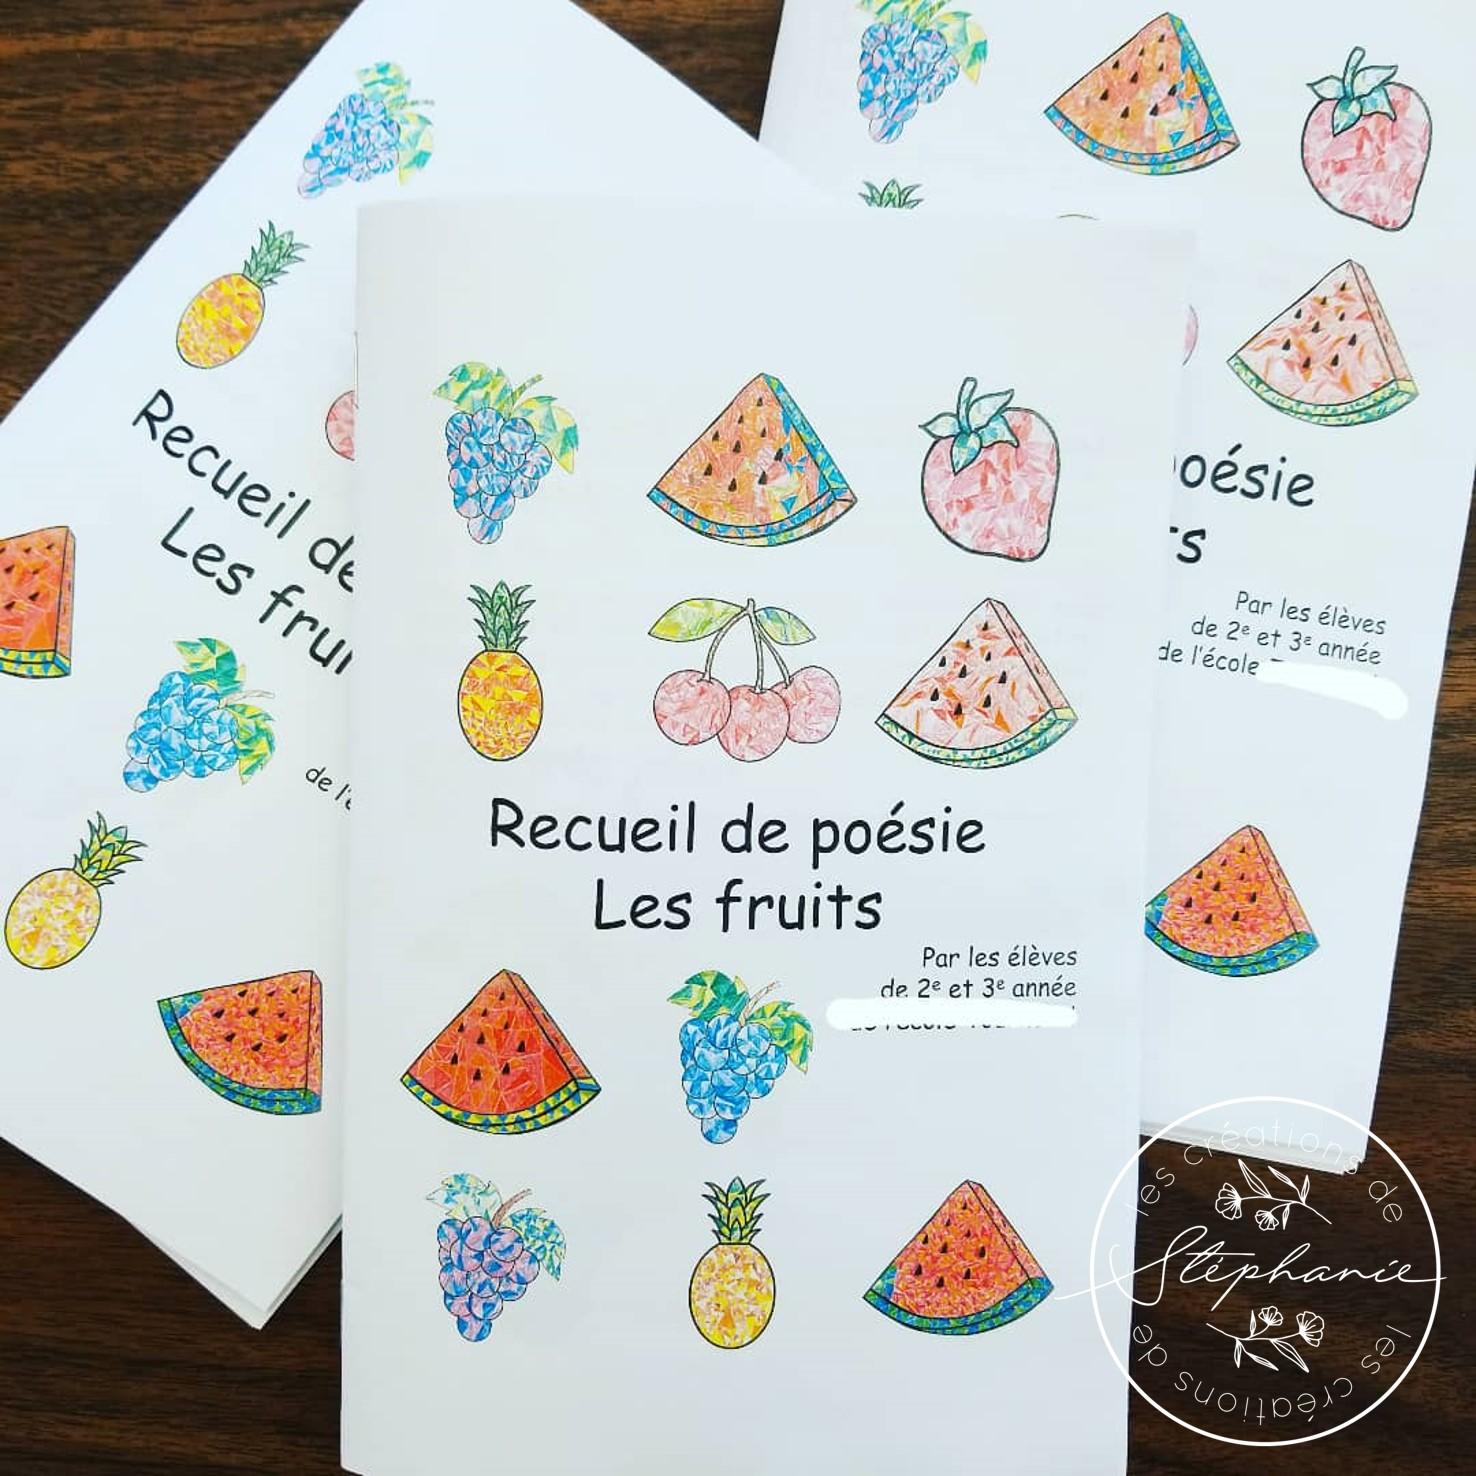 Un recueil de poésie : Les fruits